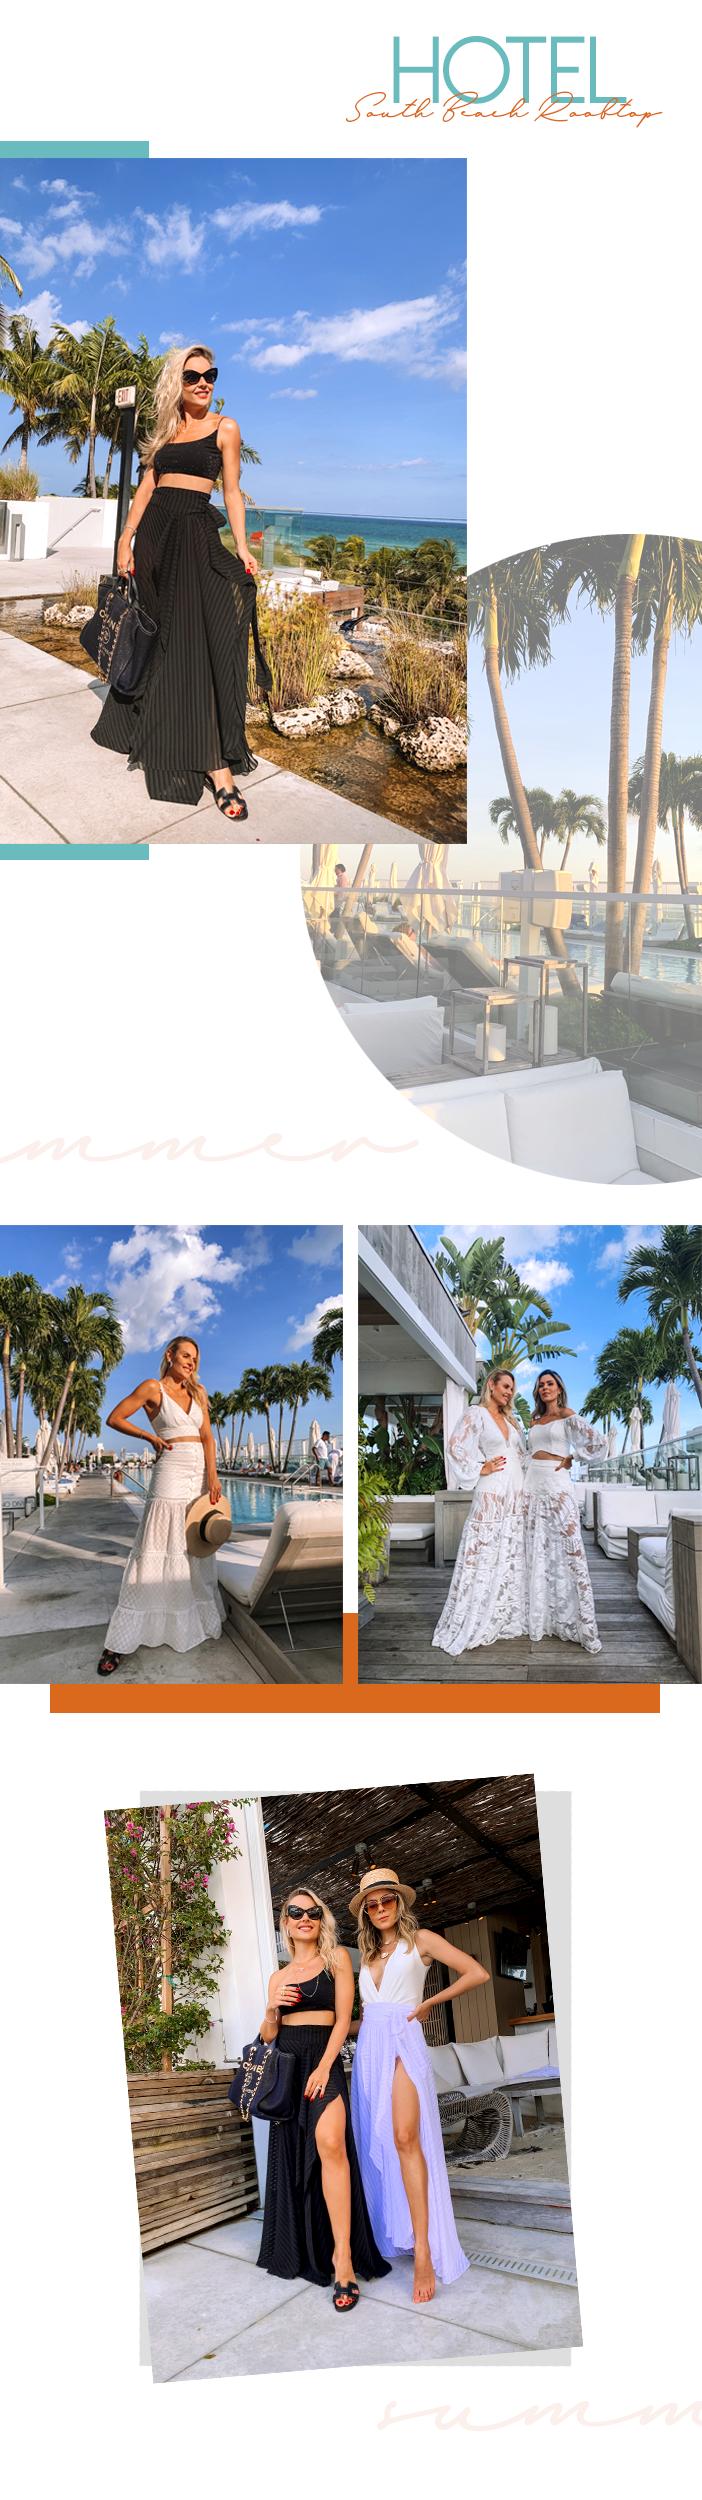 Diário de Bordo - Layla em Miami